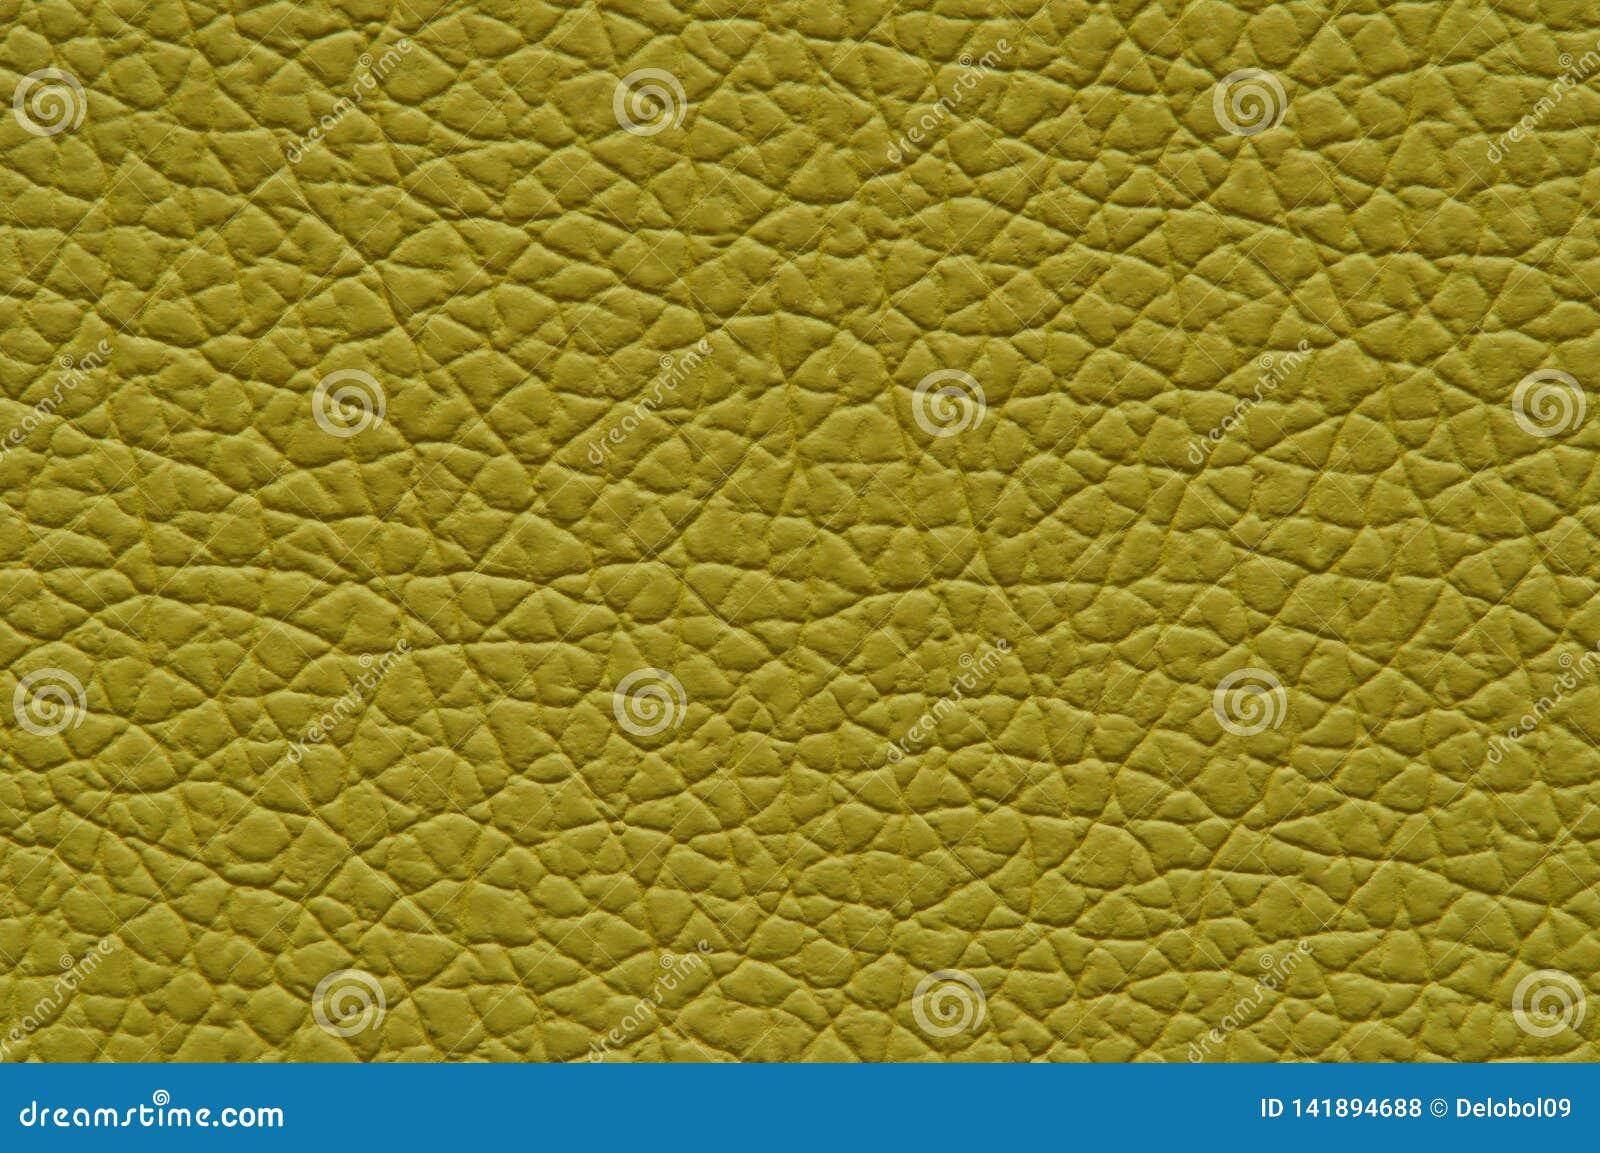 Musztardy żółta sztuczna skóra z wielką teksturą